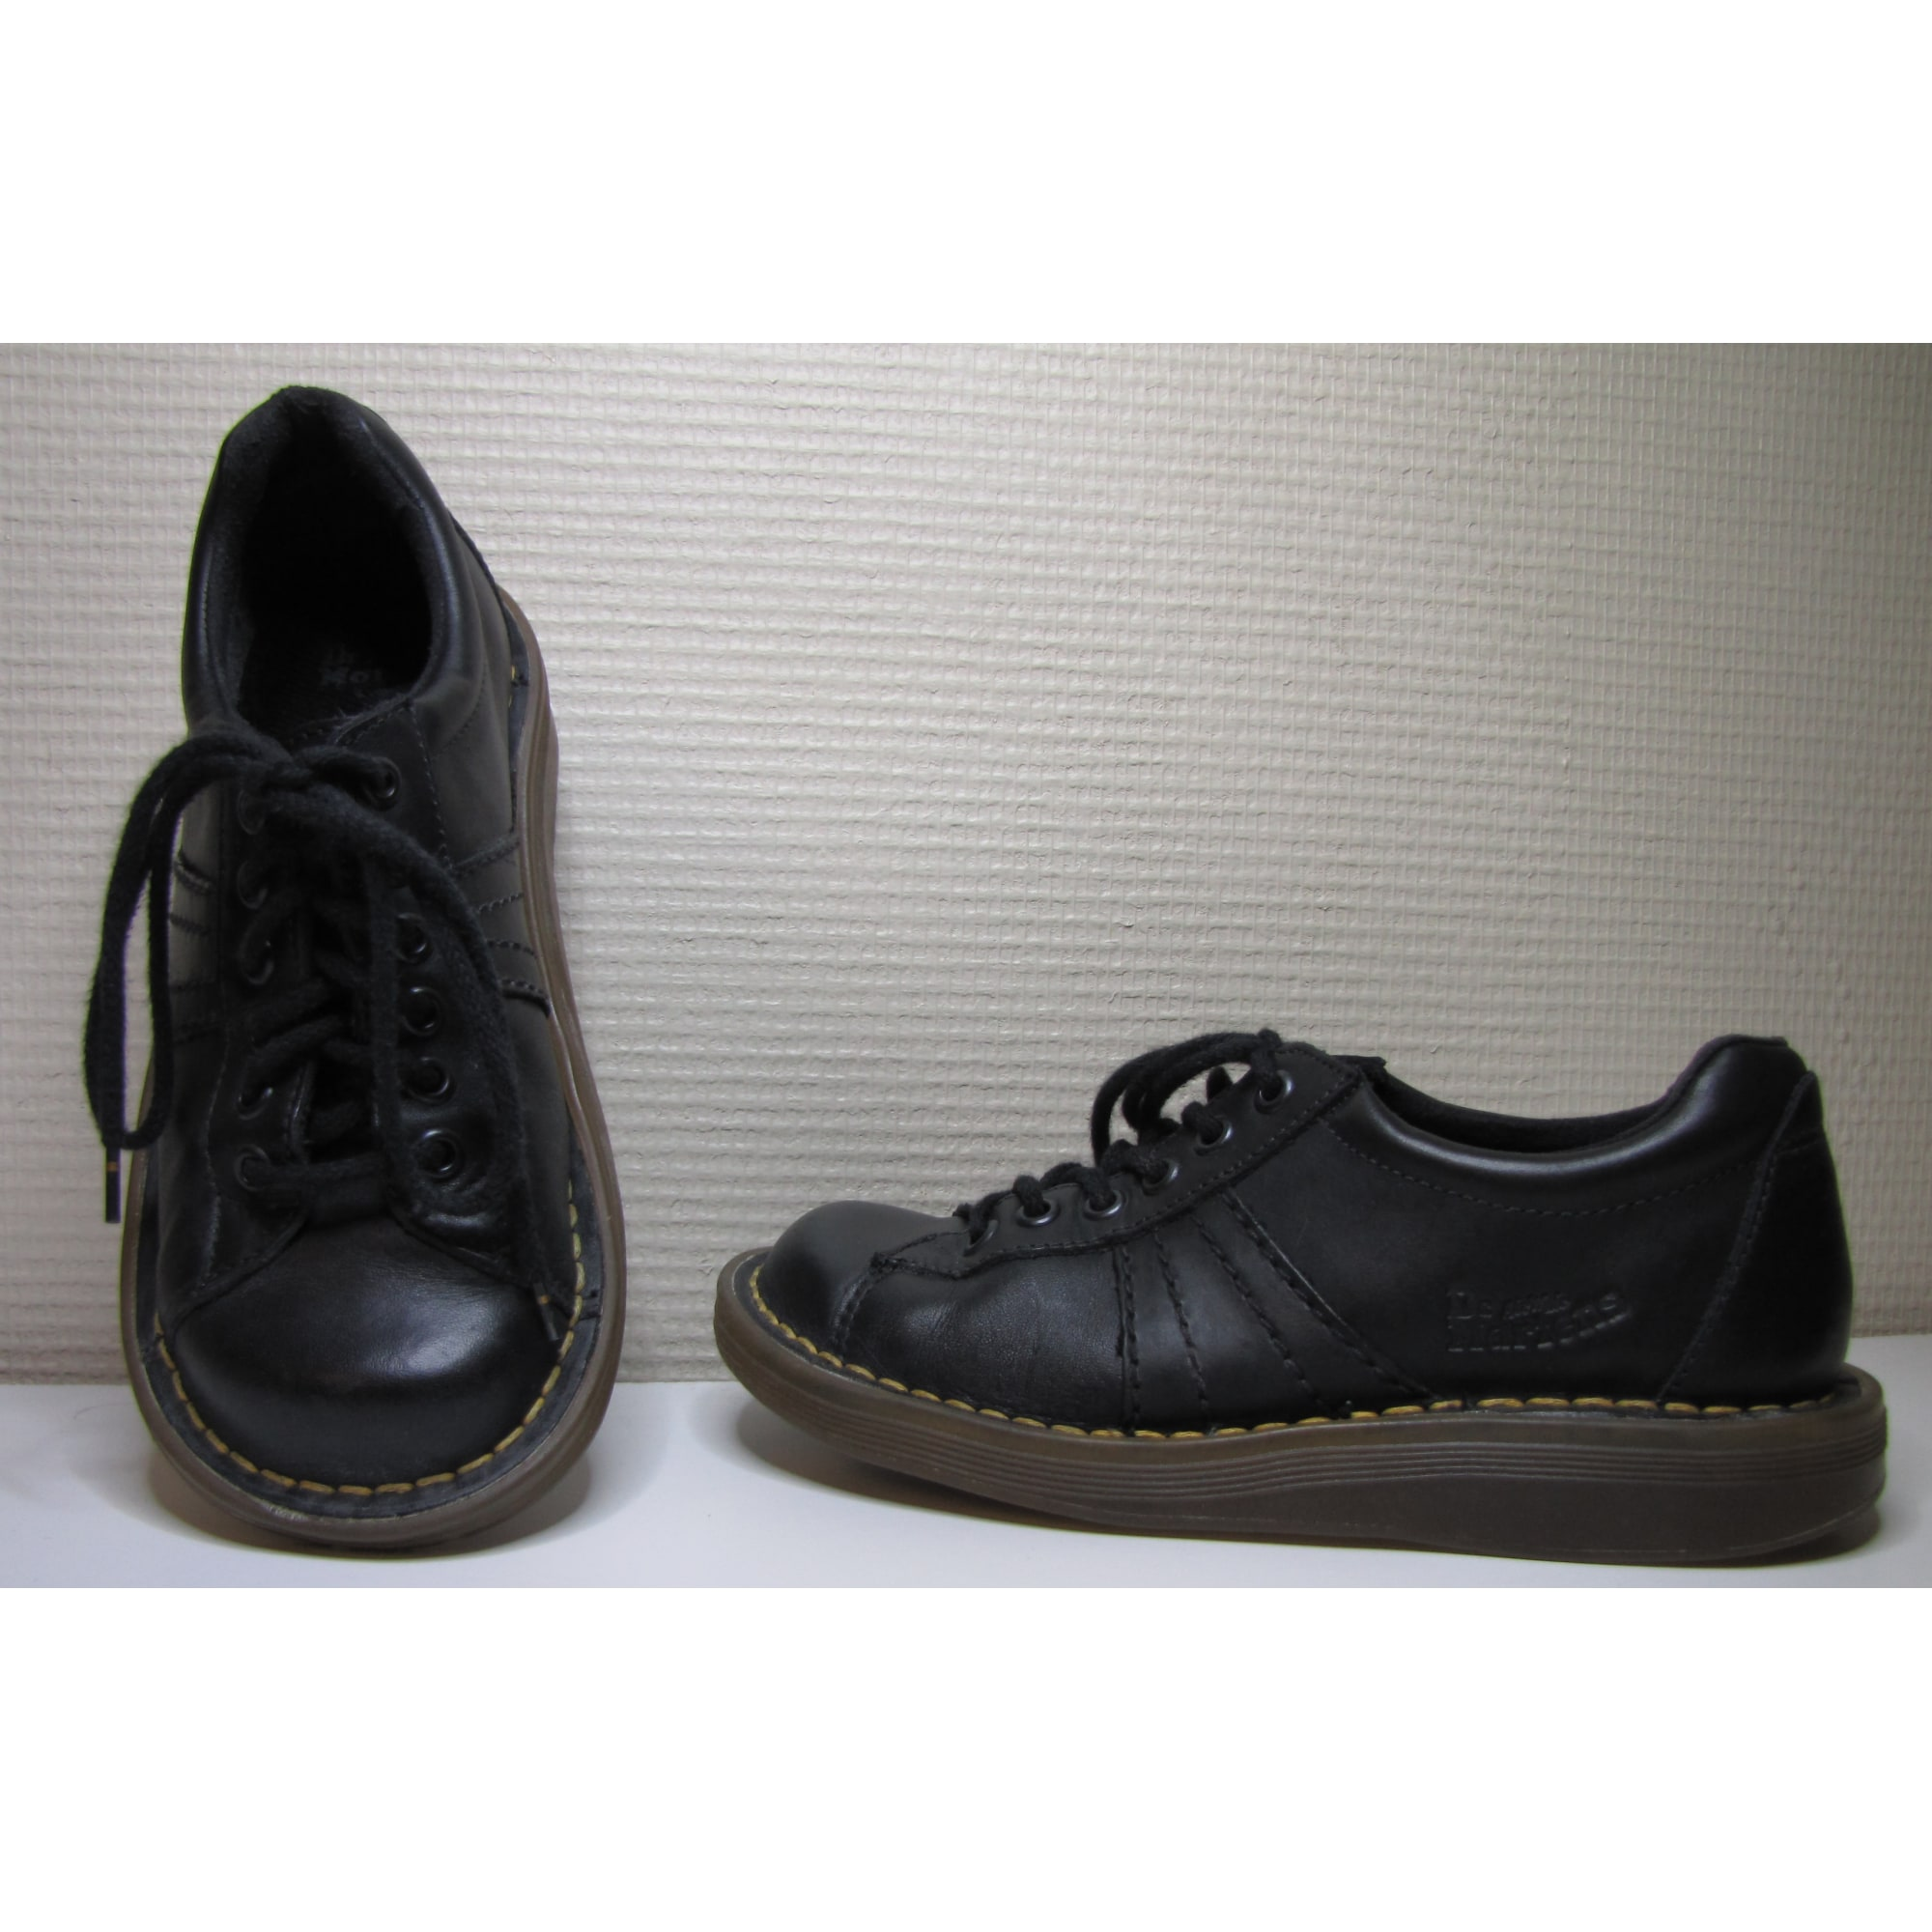 165da3a6207 Chaussures à lacets DR. MARTENS 36 noir - 6674591